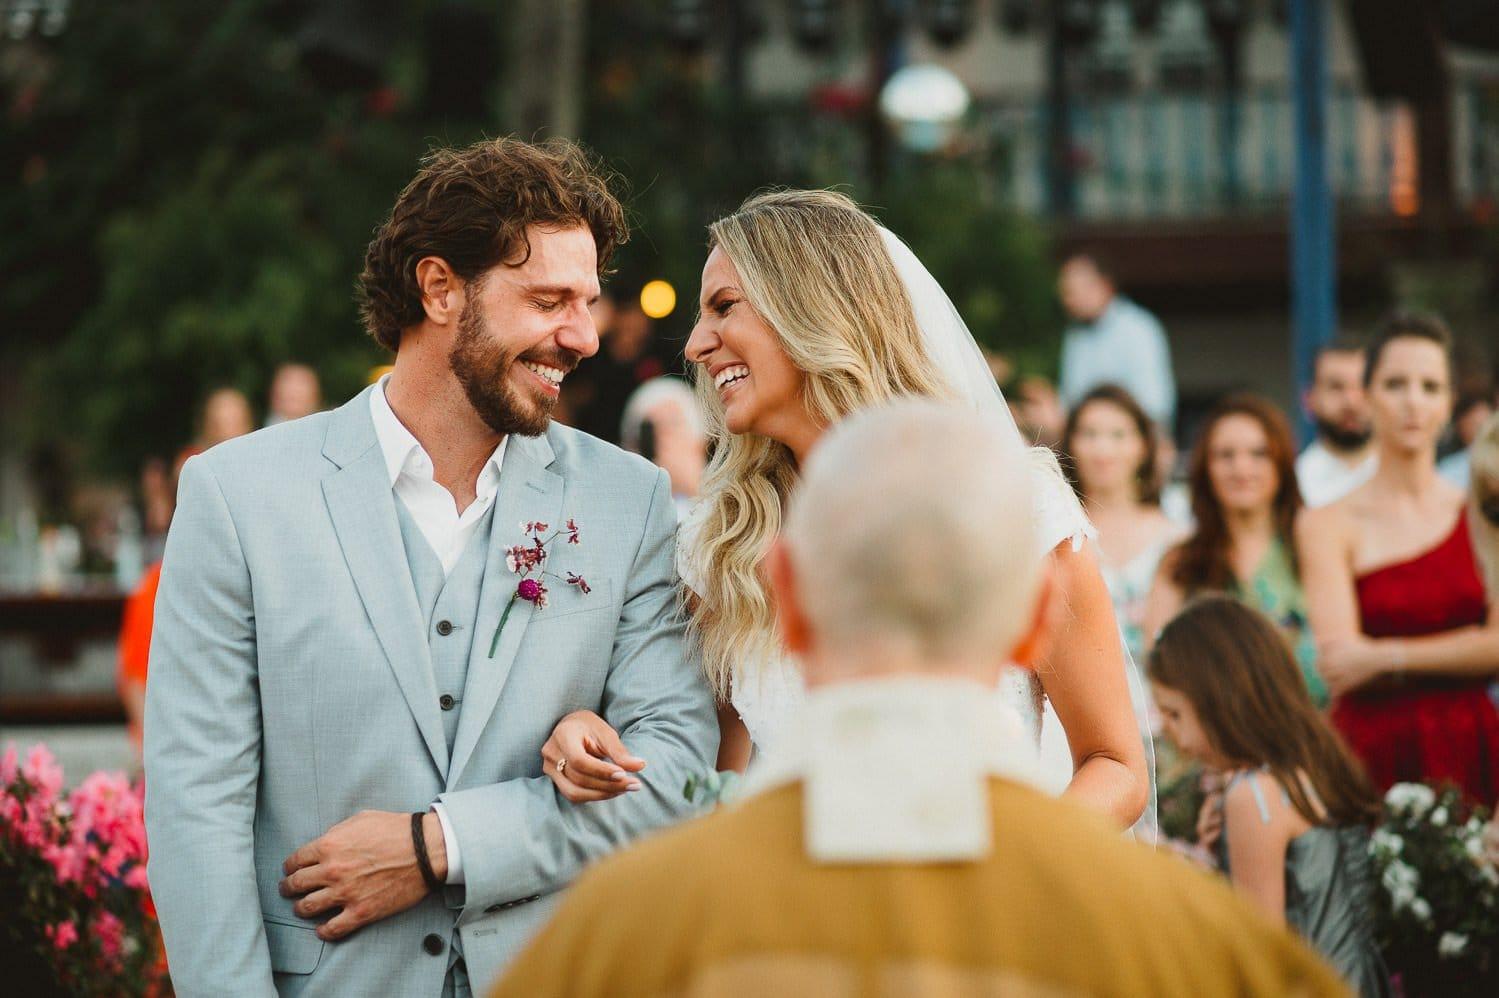 casamento-ilhabela-23 Casamento Ilhabela - Fazenda São Mathias - Virginia e José